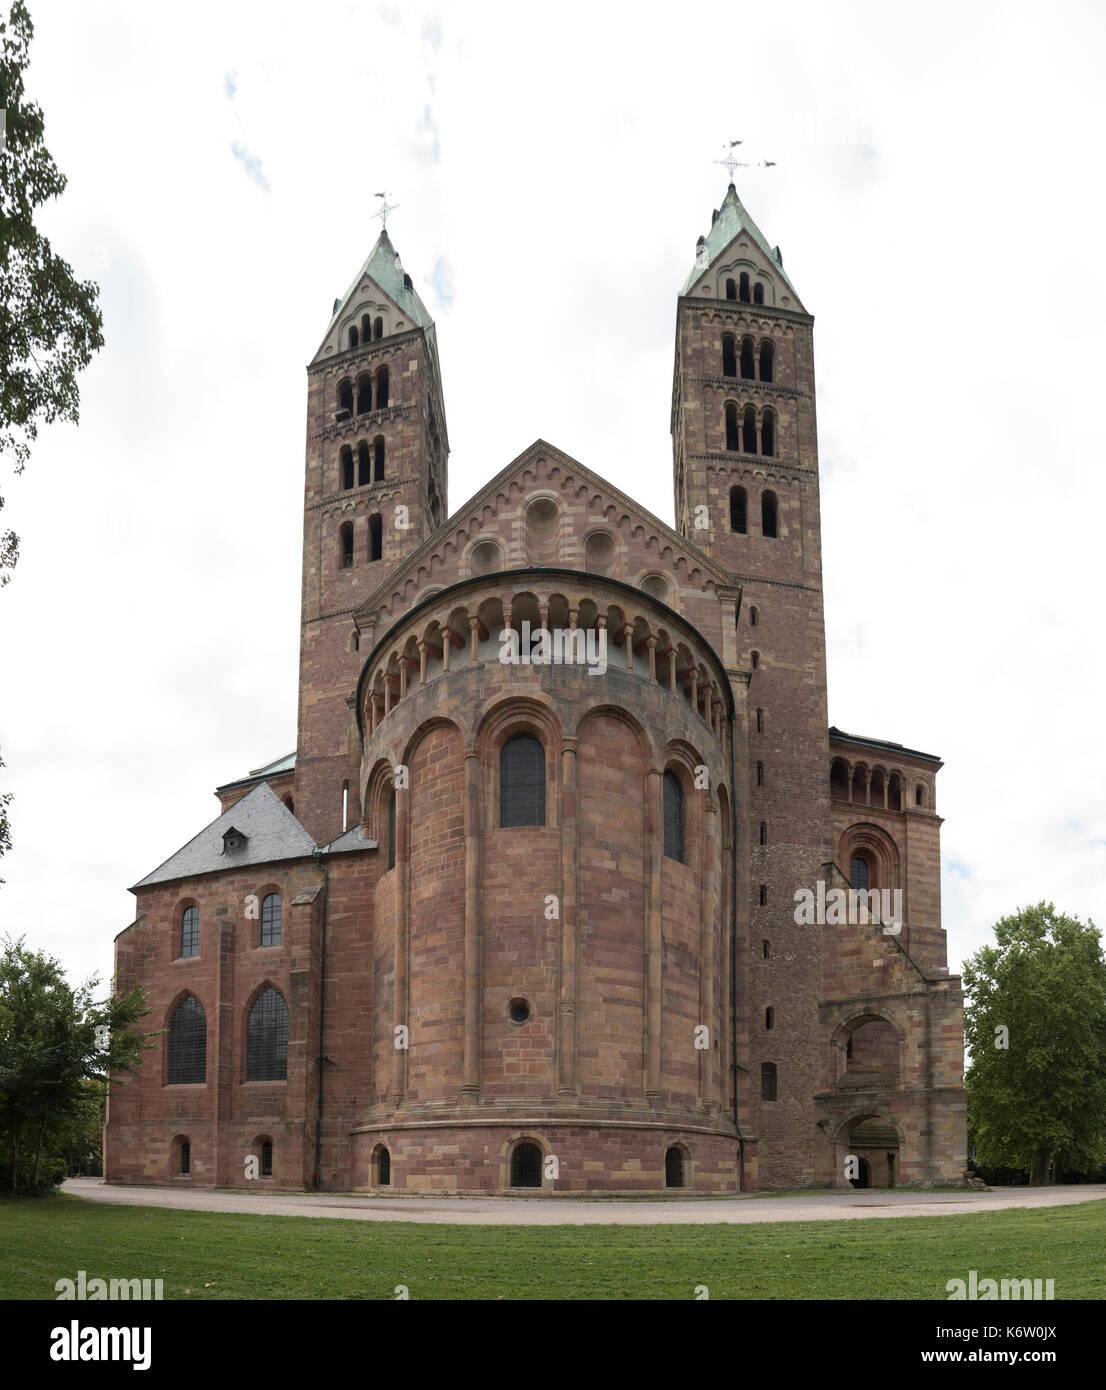 Reisen, Deutschland, Rheinland-Pfalz, Speyer, Innenstadt, September 04. - Stock Image